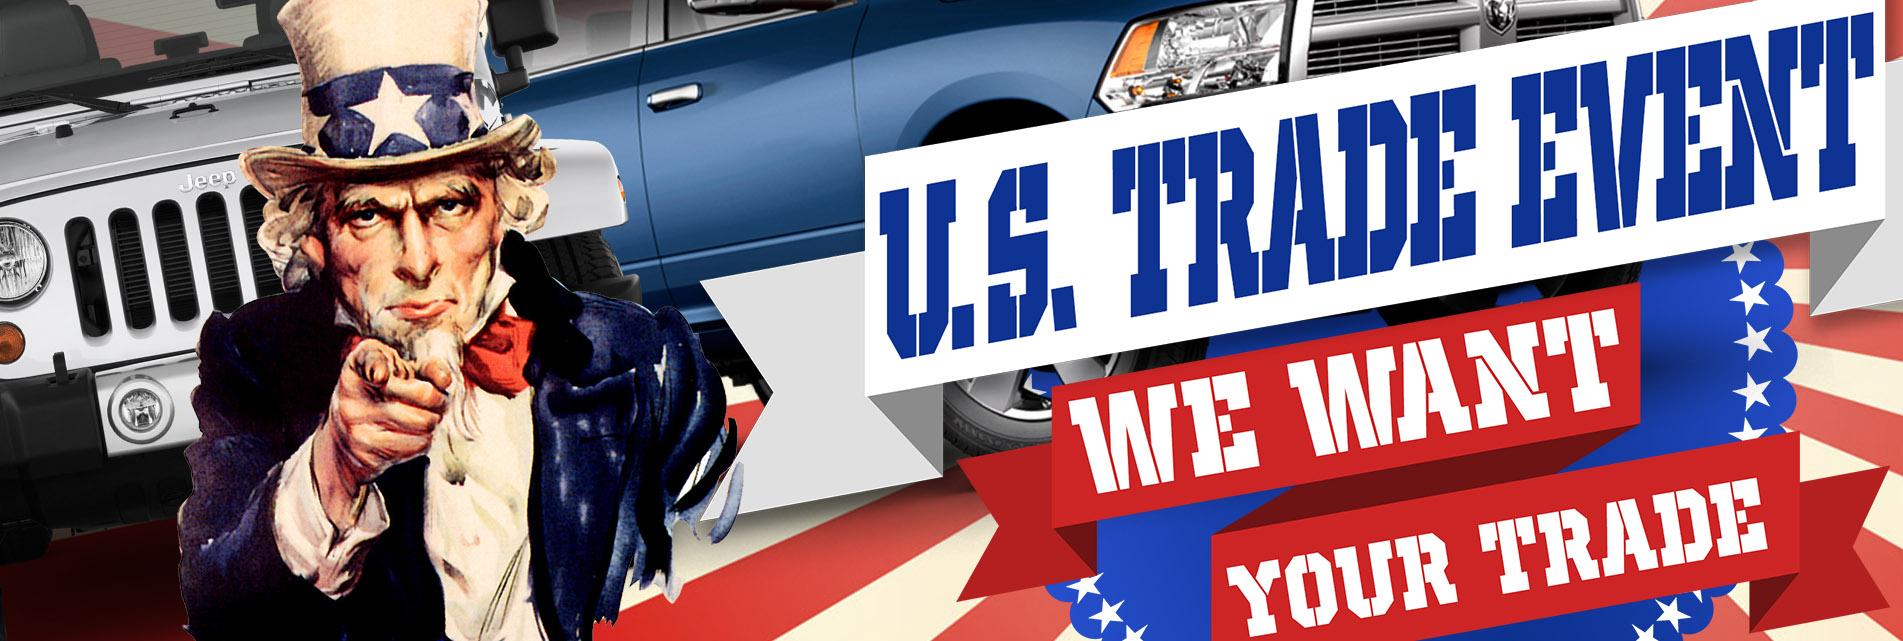 U.S. Trade Event Crowsnest Pass